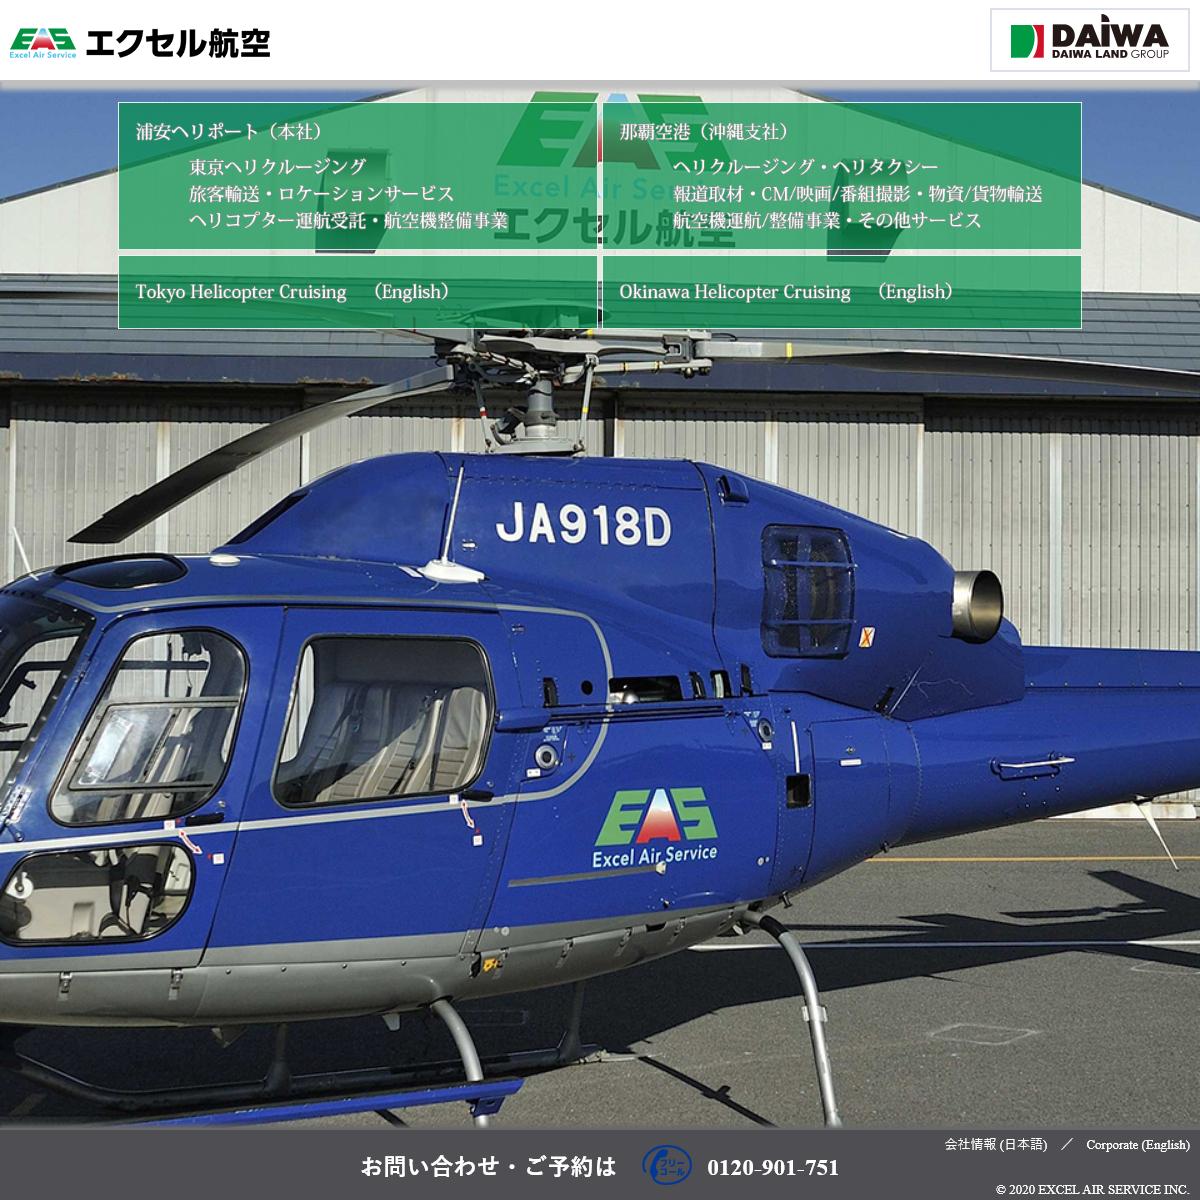 【東京・沖縄ヘリコプターサービス】エクセル航空株式会社